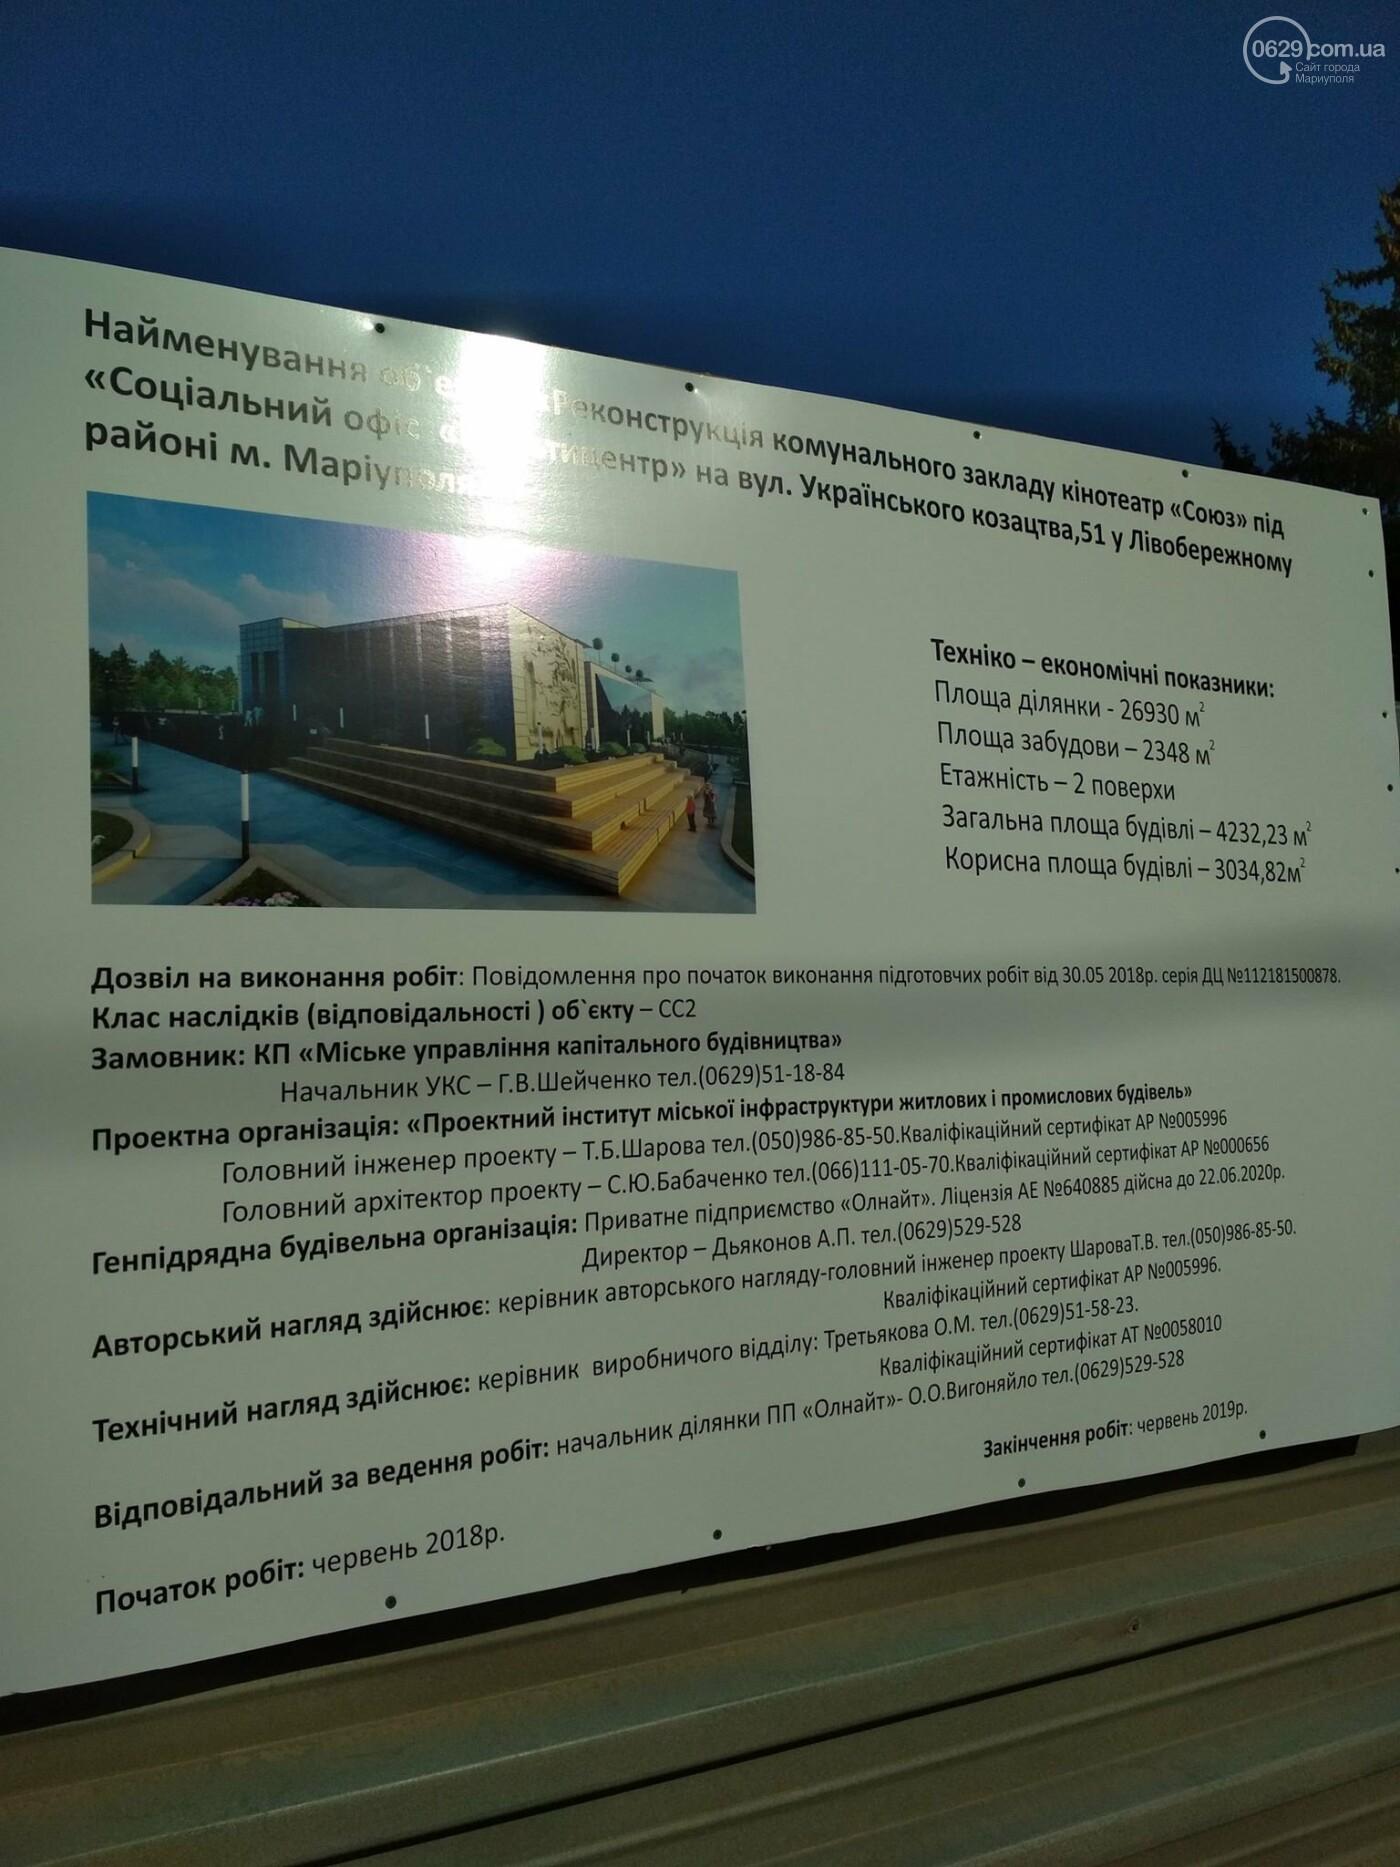 Как идет реконструкция нового мариупольского мультицентра в Левобережном районе, - ФОТО, фото-1